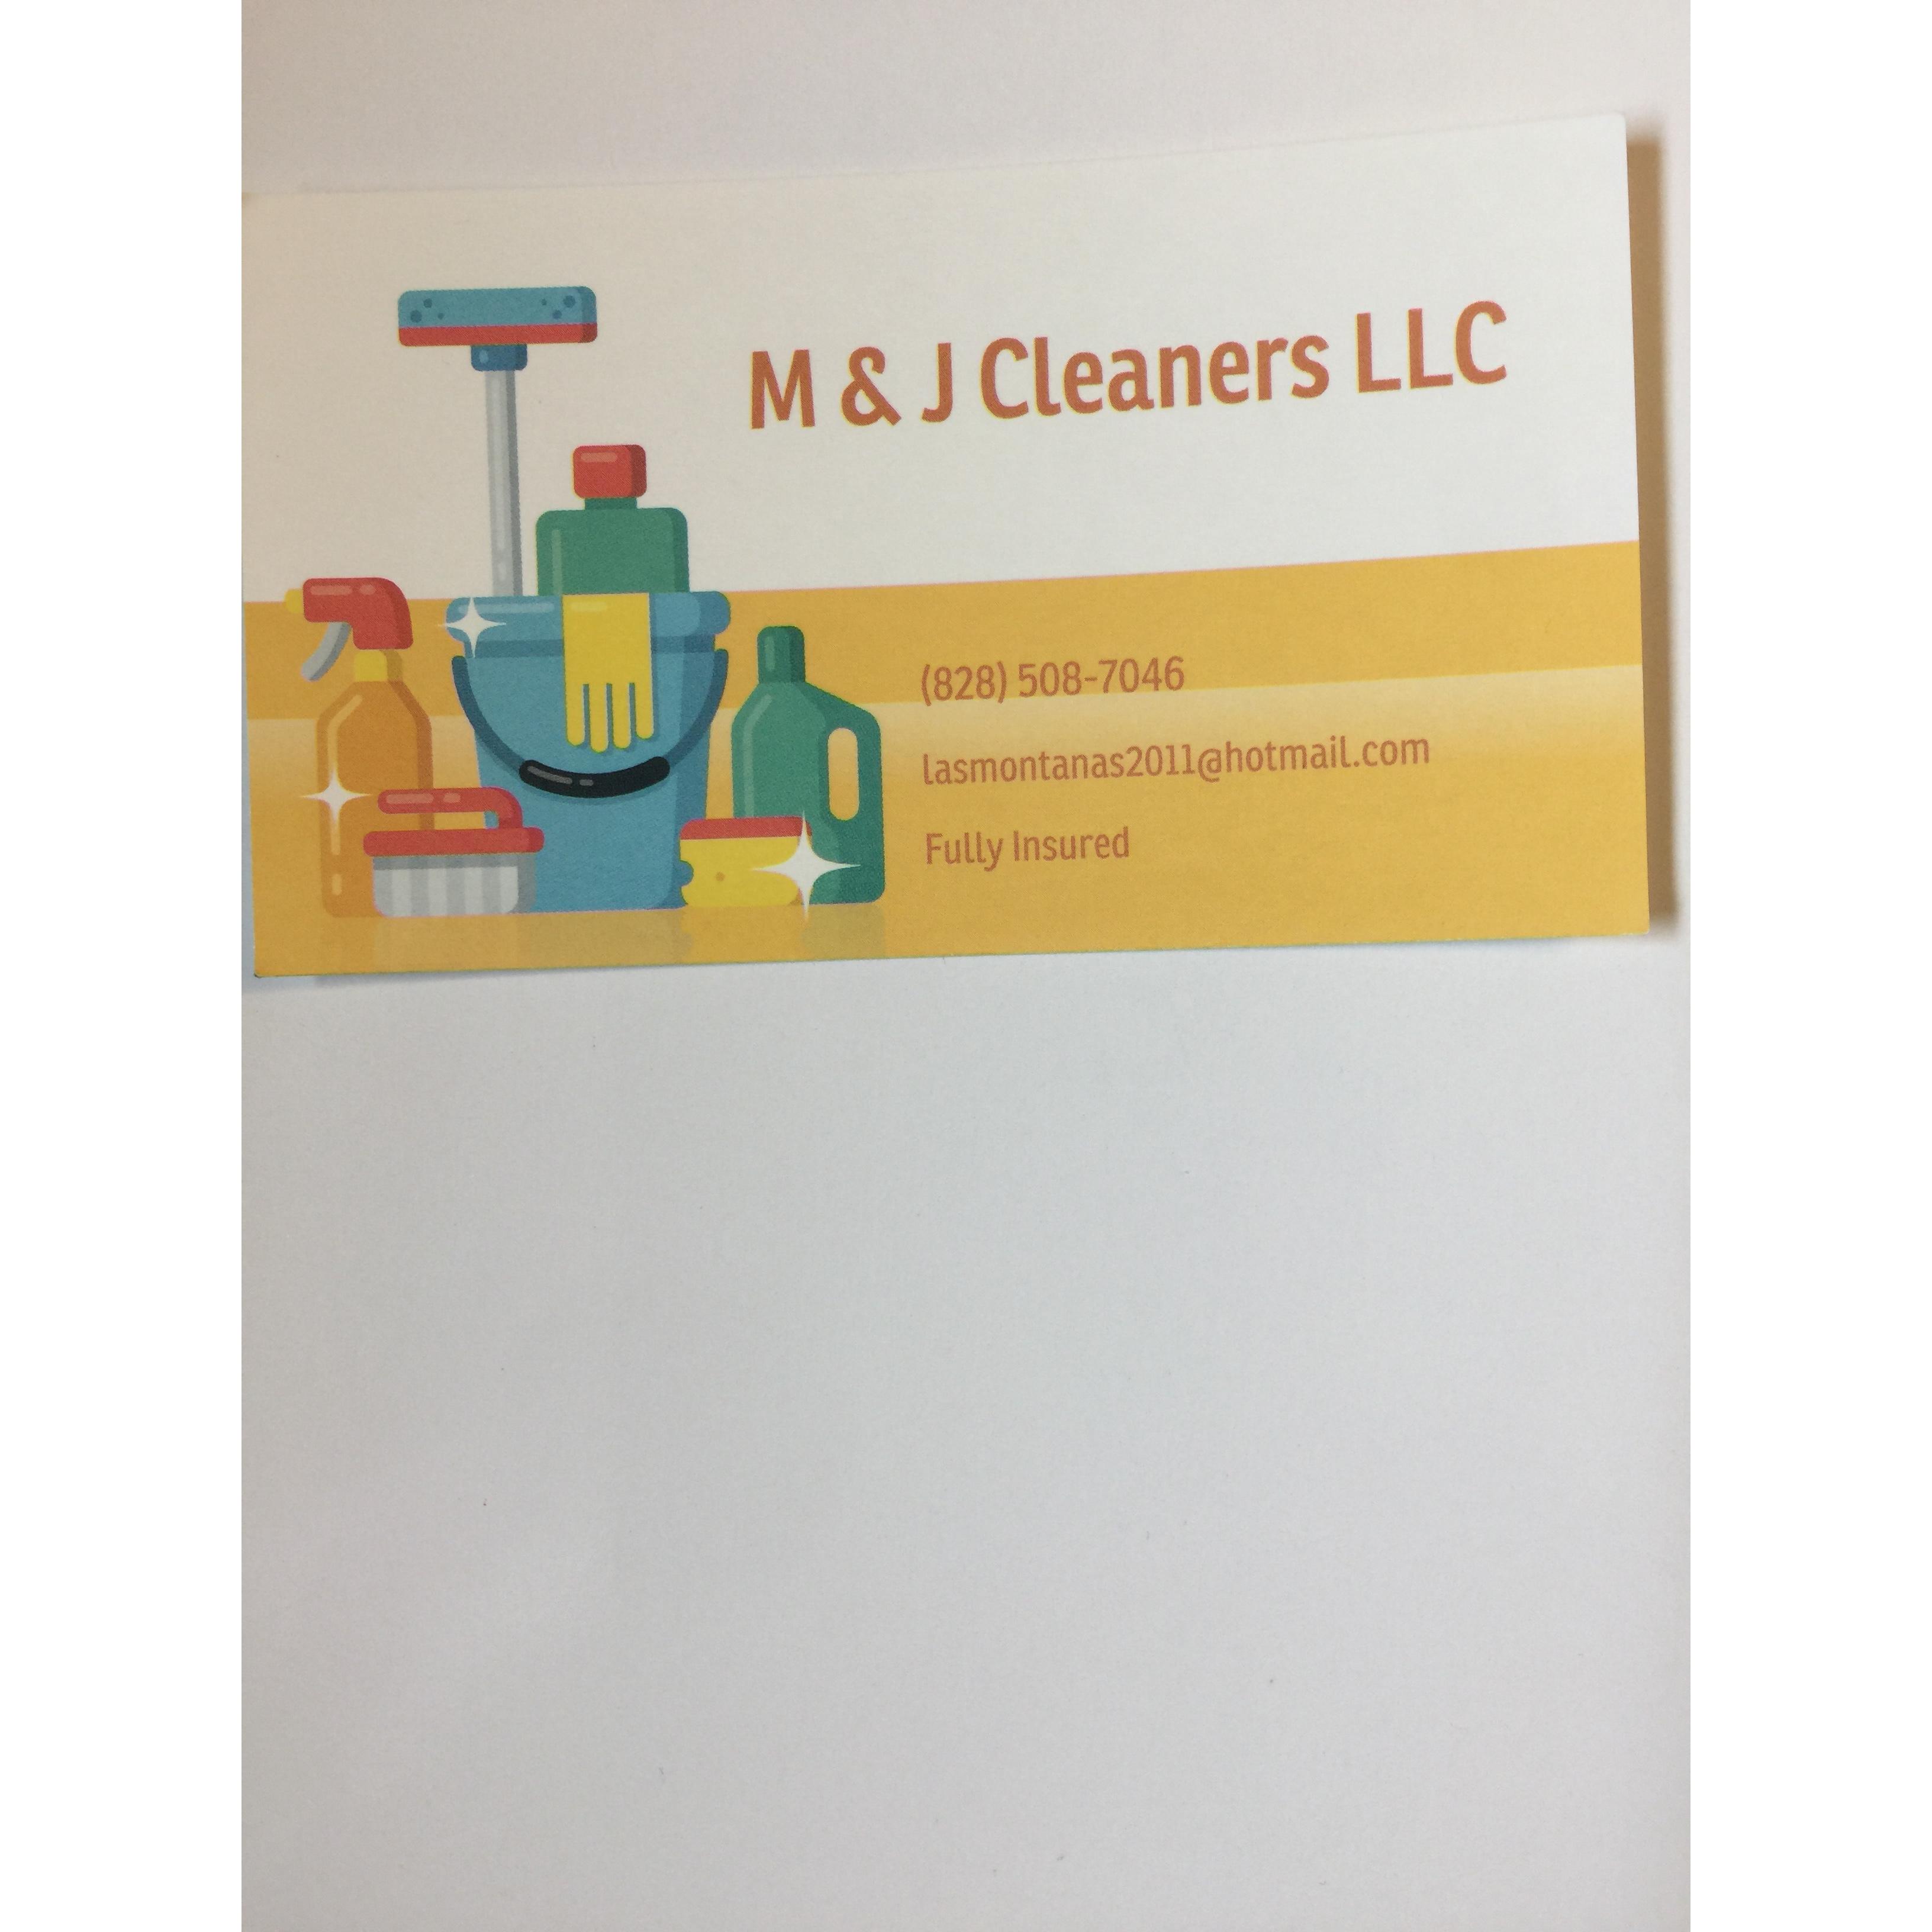 M & J Cleaners, Llc